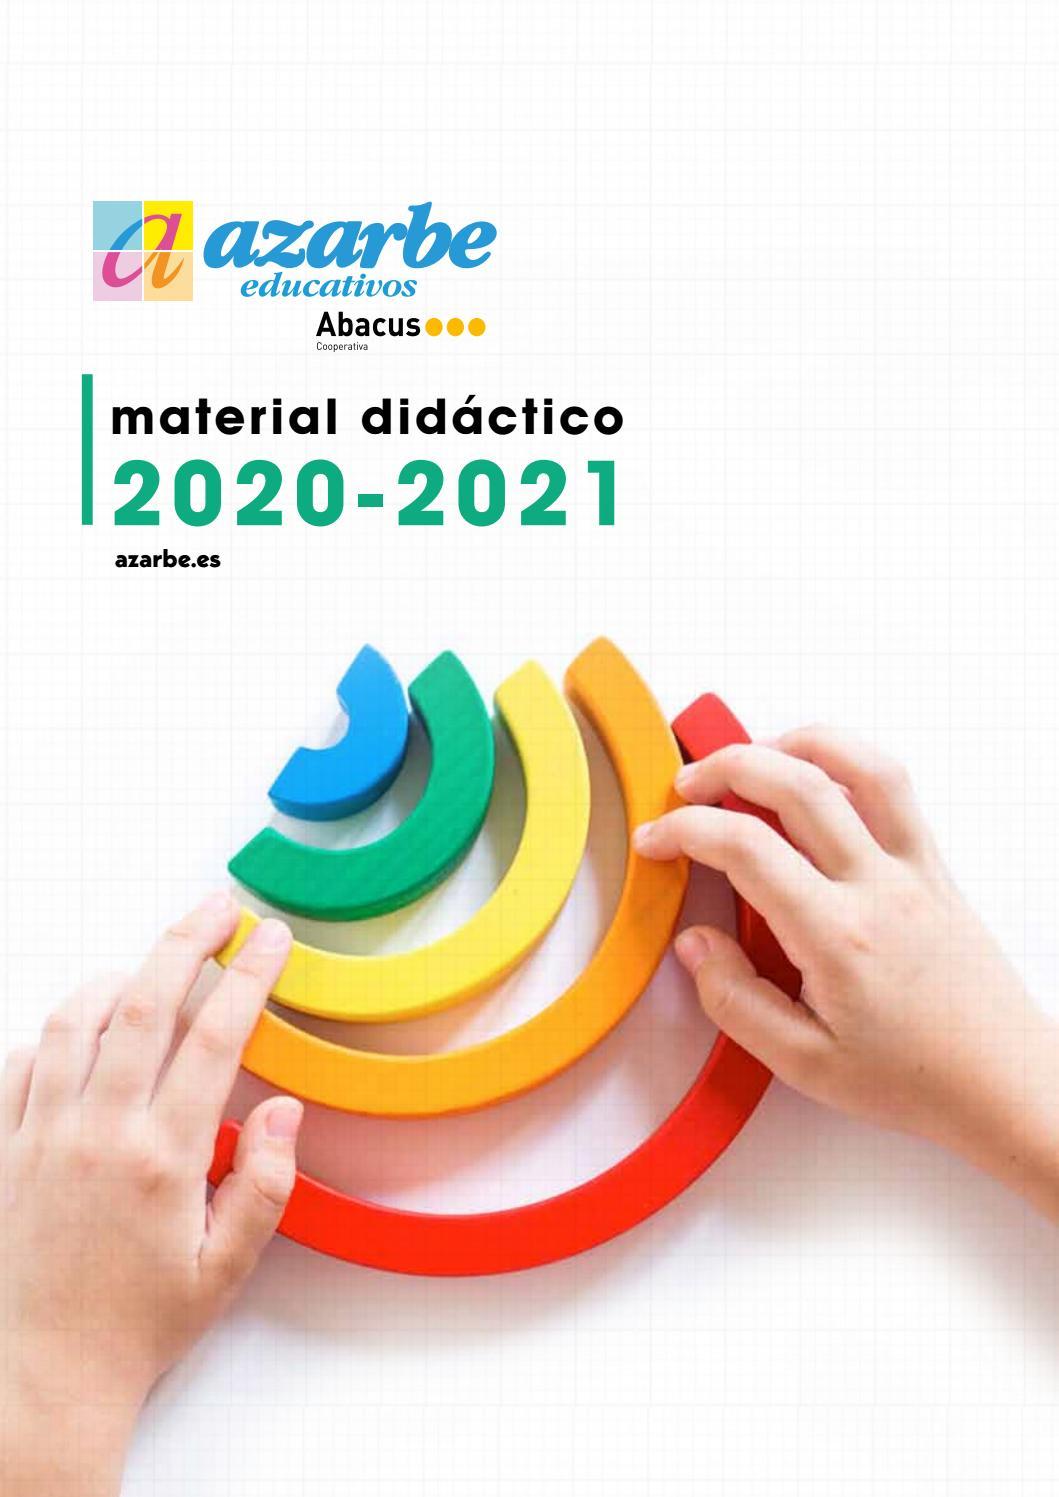 Palitos de Madera Redondos Palos para Helados Proyectos de Manualidades Juguete Rompecabezas 10 Piezas 110mm